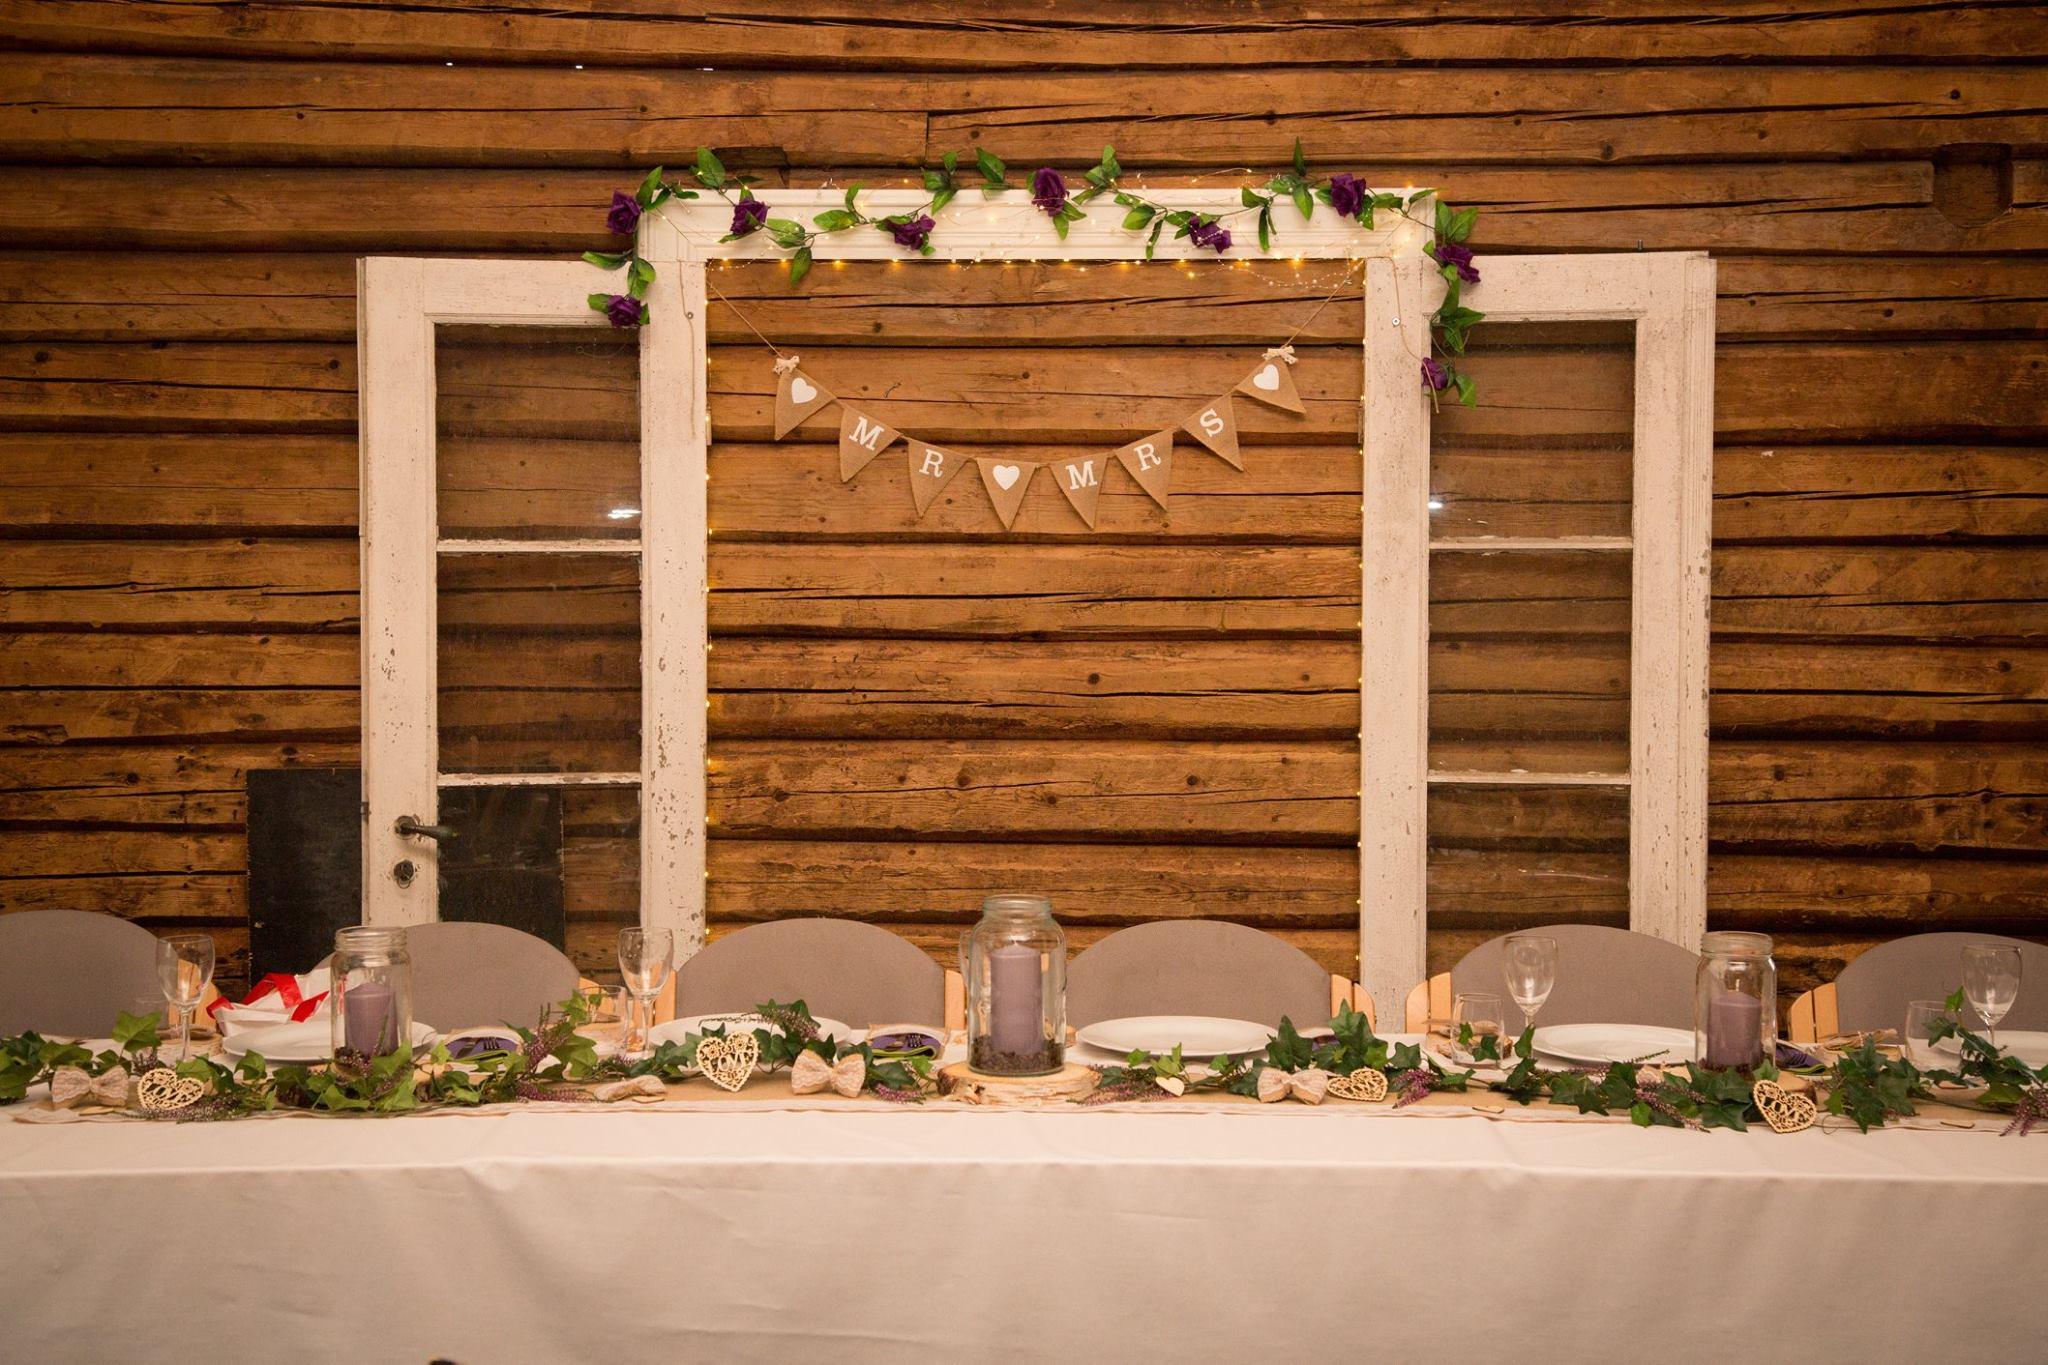 bord dekket til bryllupsfest